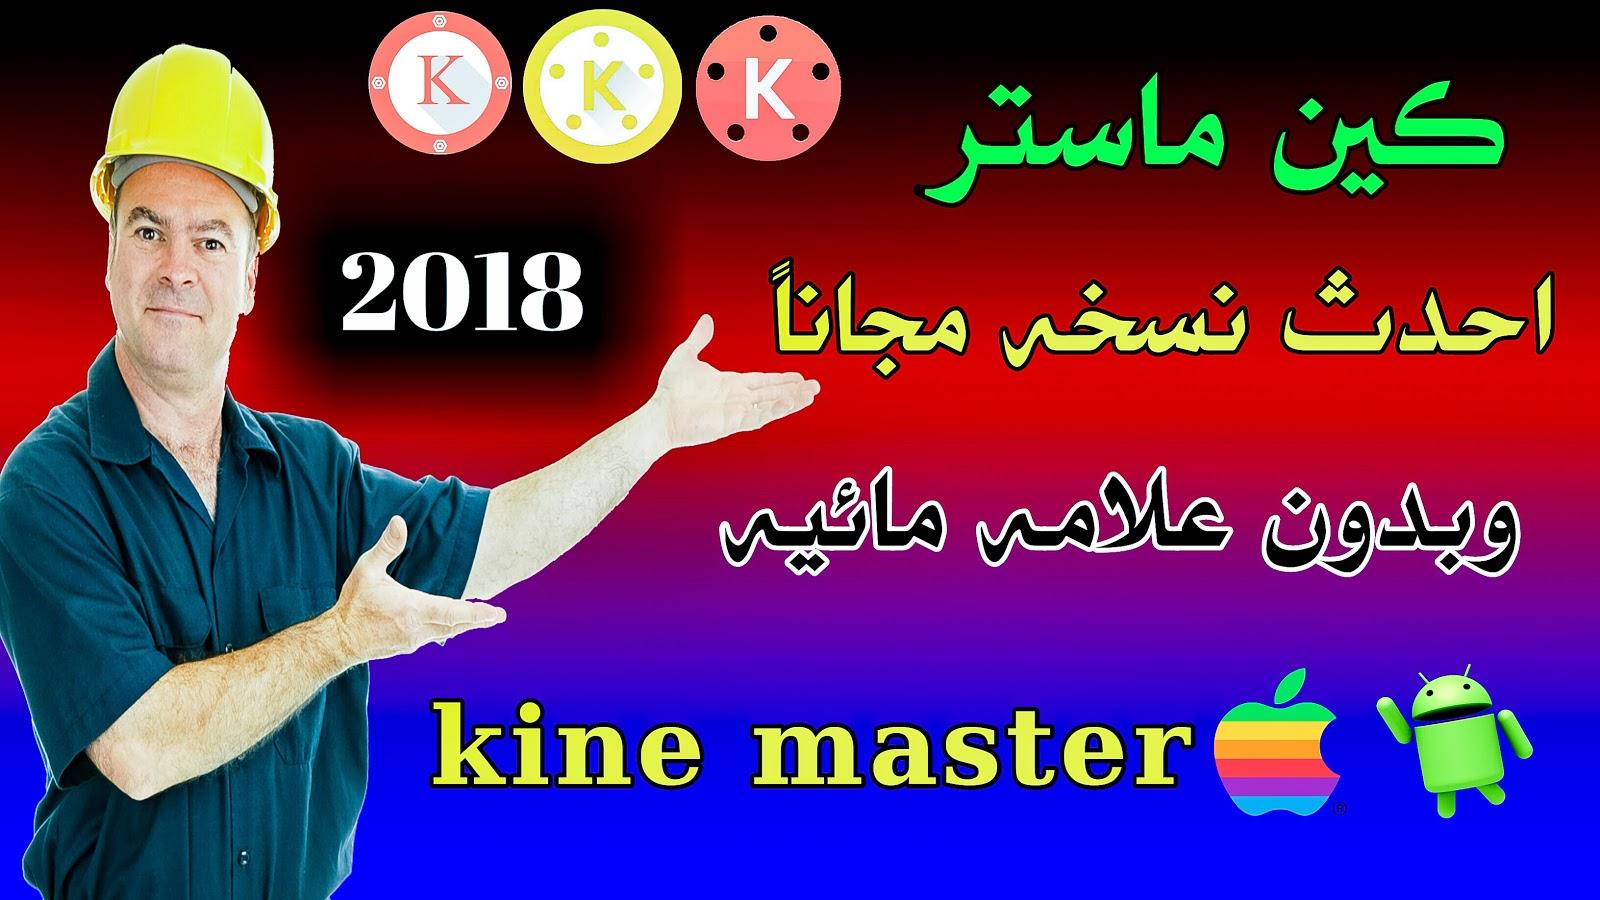 تحميل برنامج كين ماستر kinemaster 2018 مهكر النسخه الذهبيه بكل المميزات